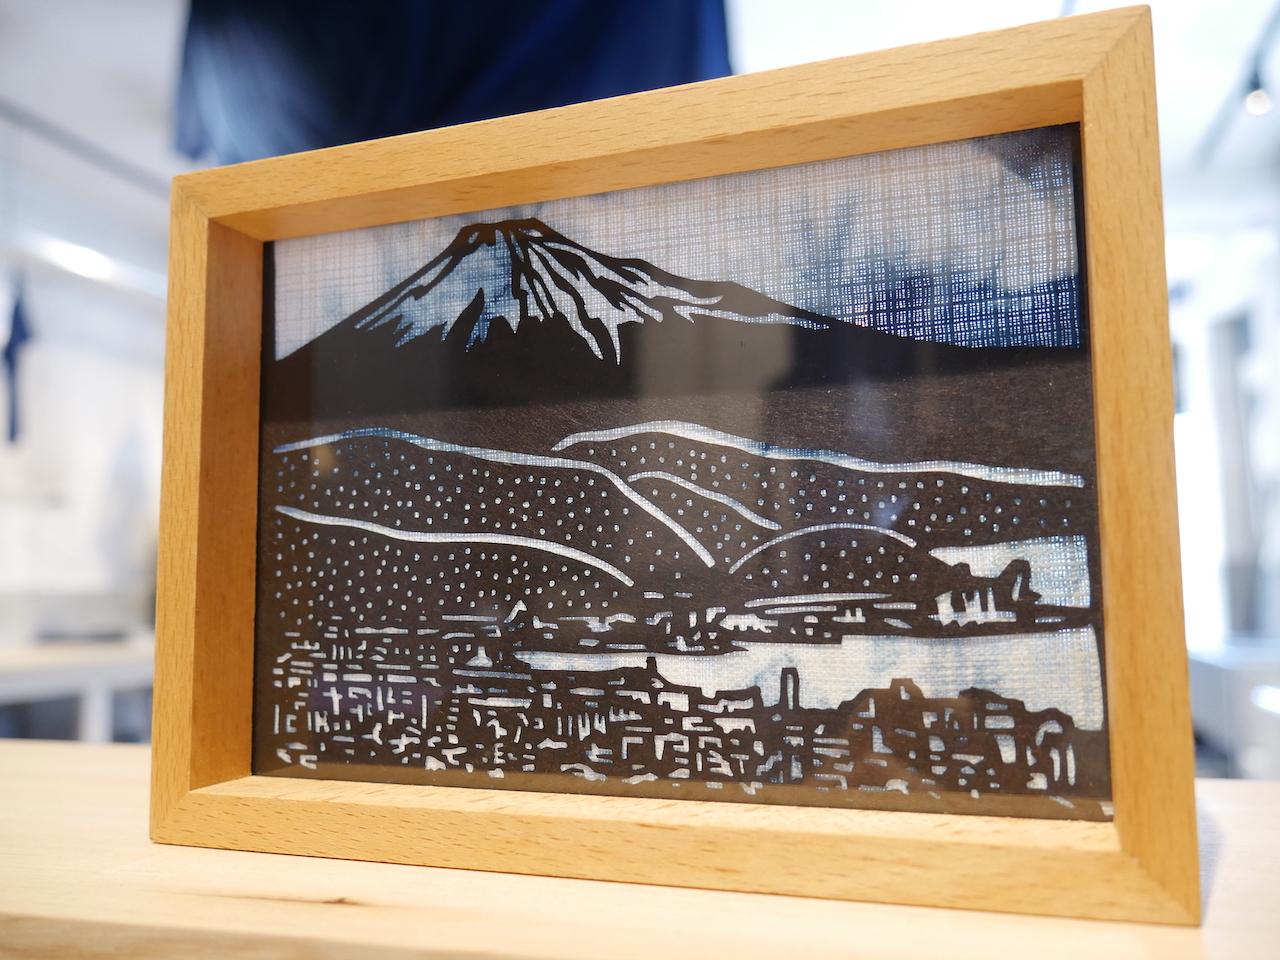 一点物の藍染型紙フォトフレーム:日本平から富士山を眺めた風景